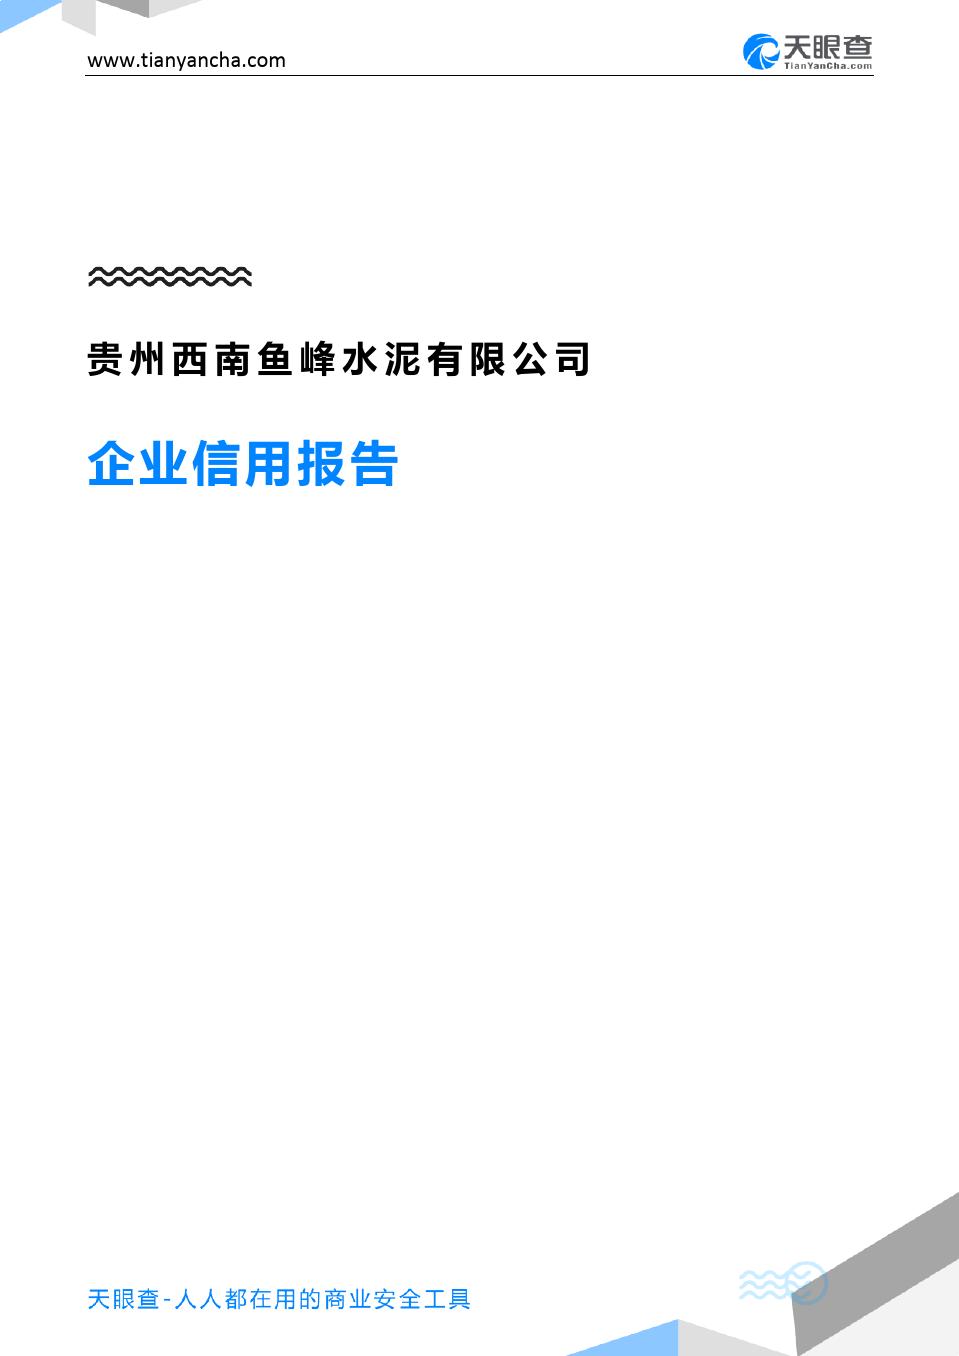 贵州西南鱼峰水泥有限公司(企业信用报告)- 天眼查